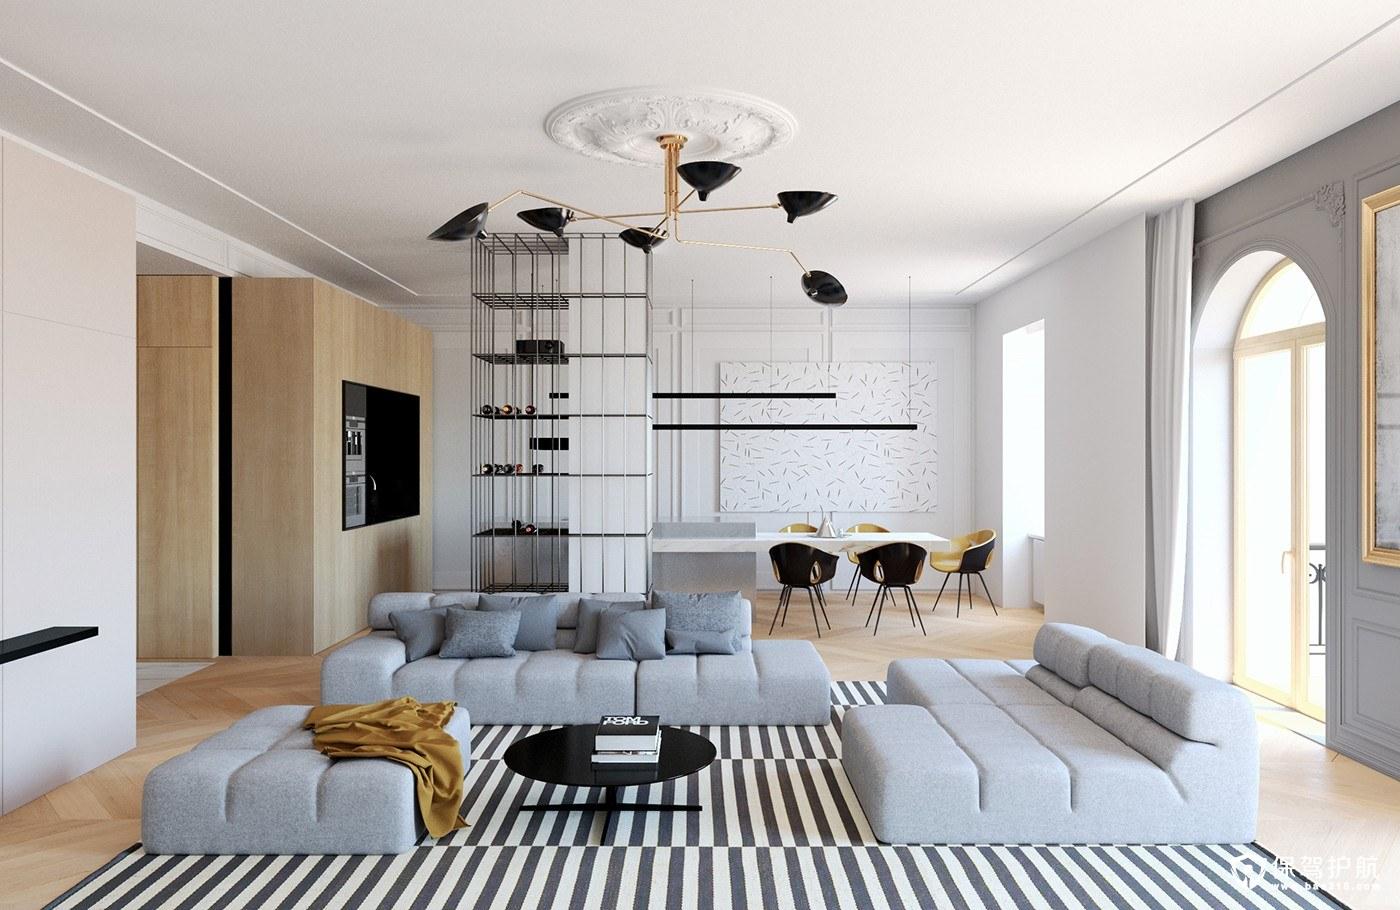 现代风格装修,拥有两种过渡性的现代装饰与古典特征!(上)